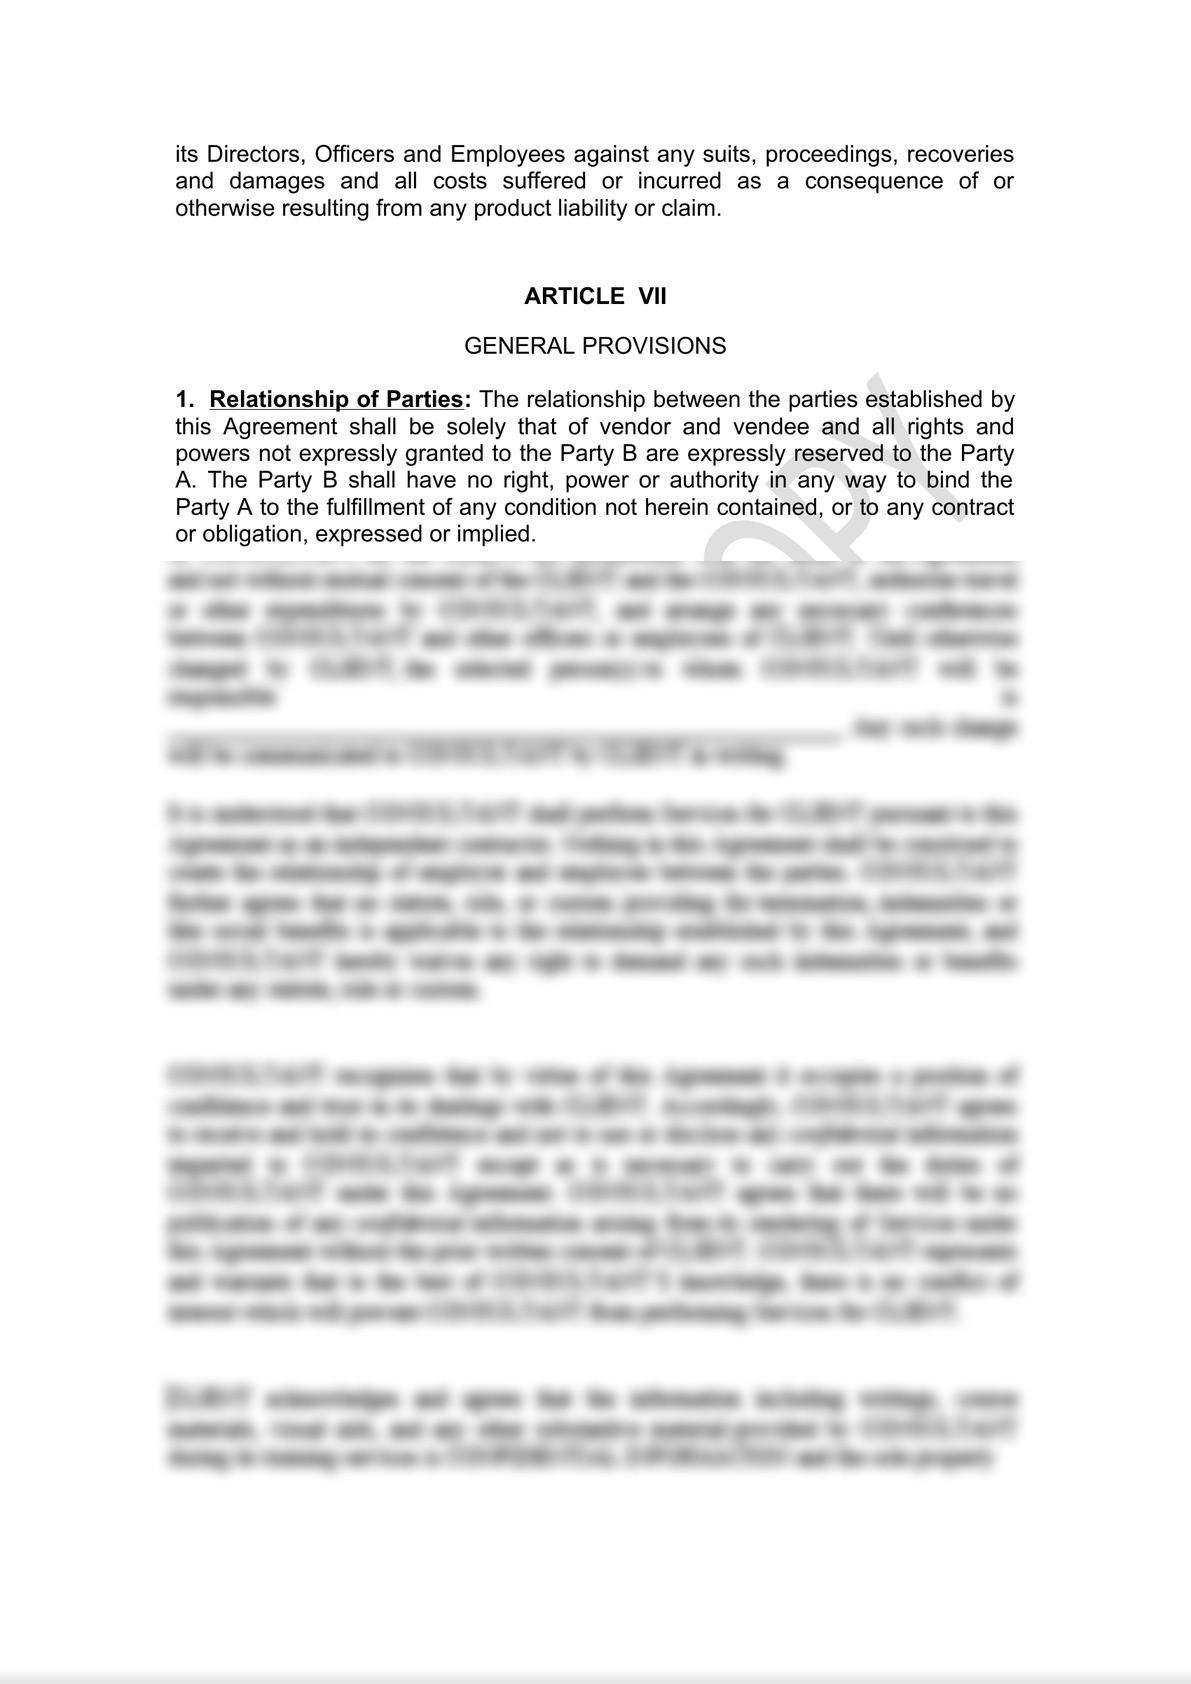 Distributor Agreement Draft-5